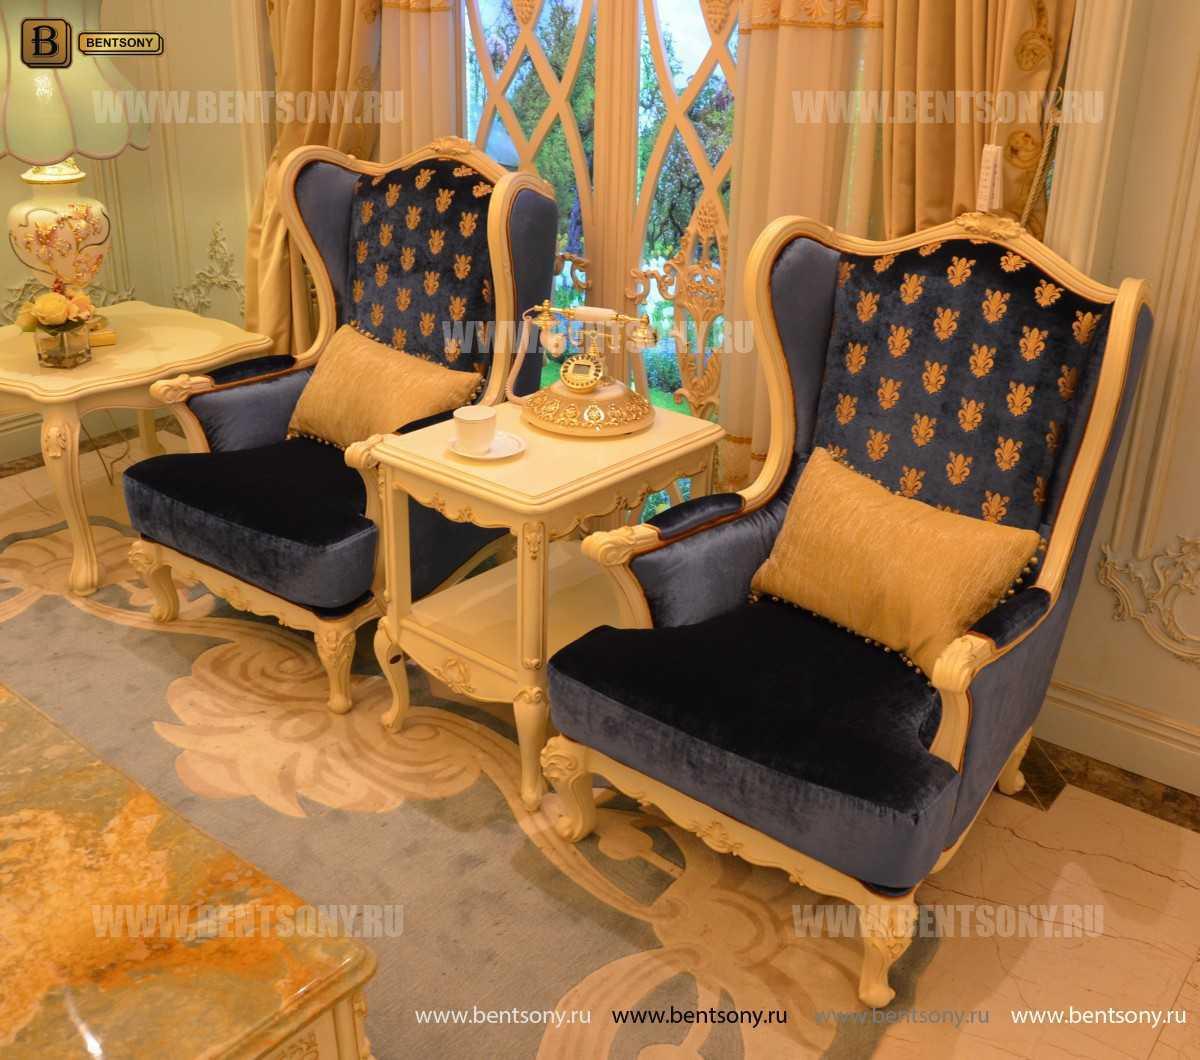 Кресло для отдыха Митчел с подушкой, Пуф (Классика, Ткань) изображение